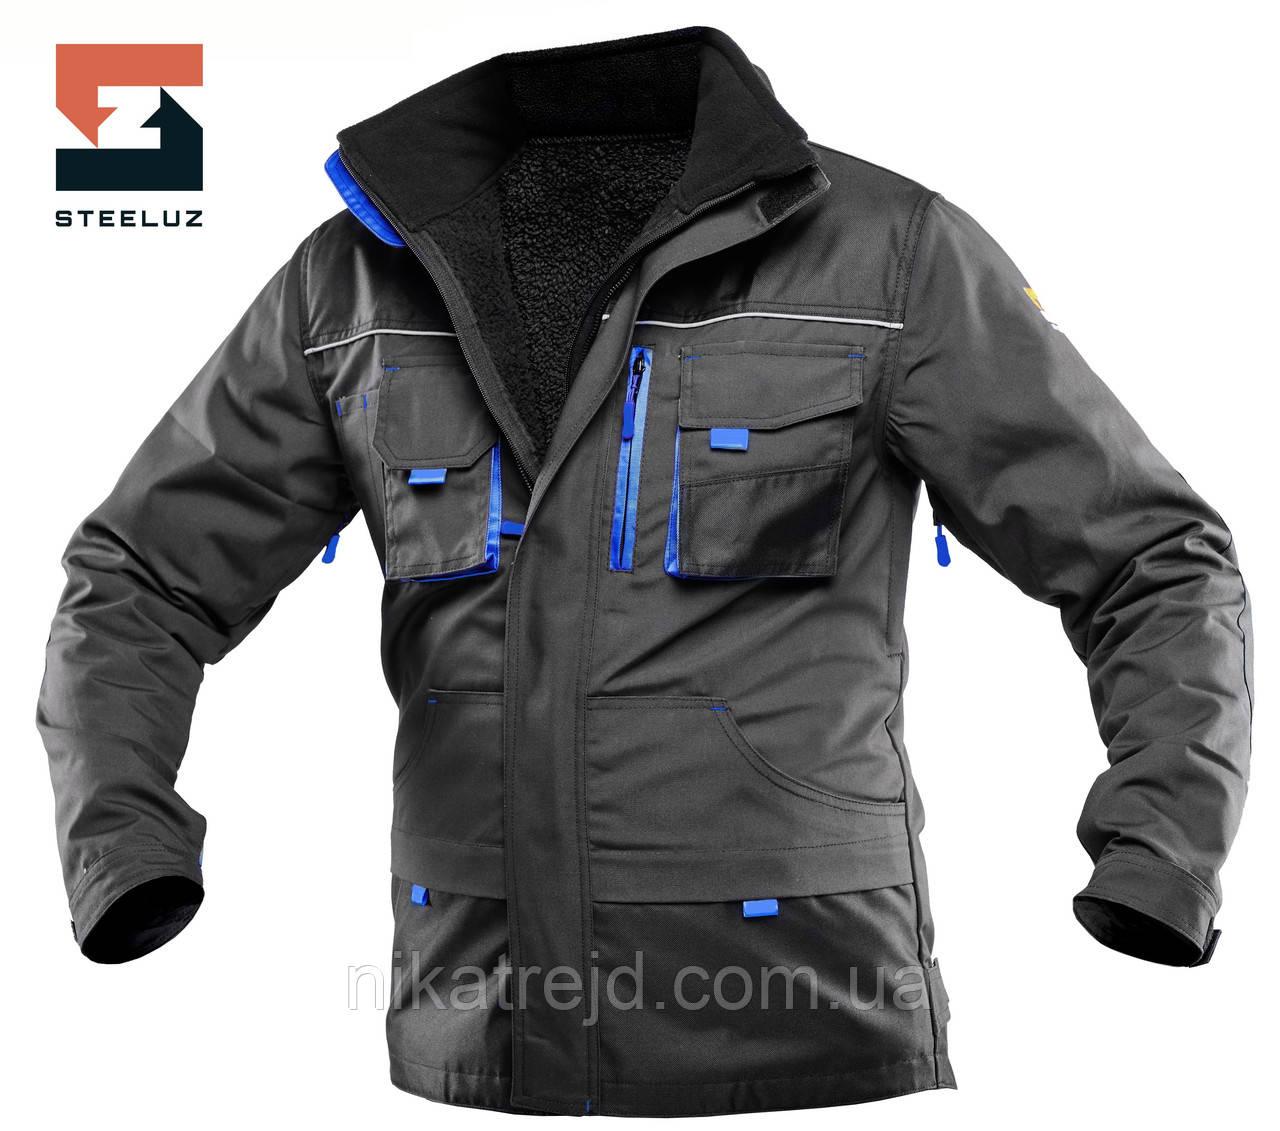 """Куртка """"четыре сезона""""  SteelUZ 4s blue"""